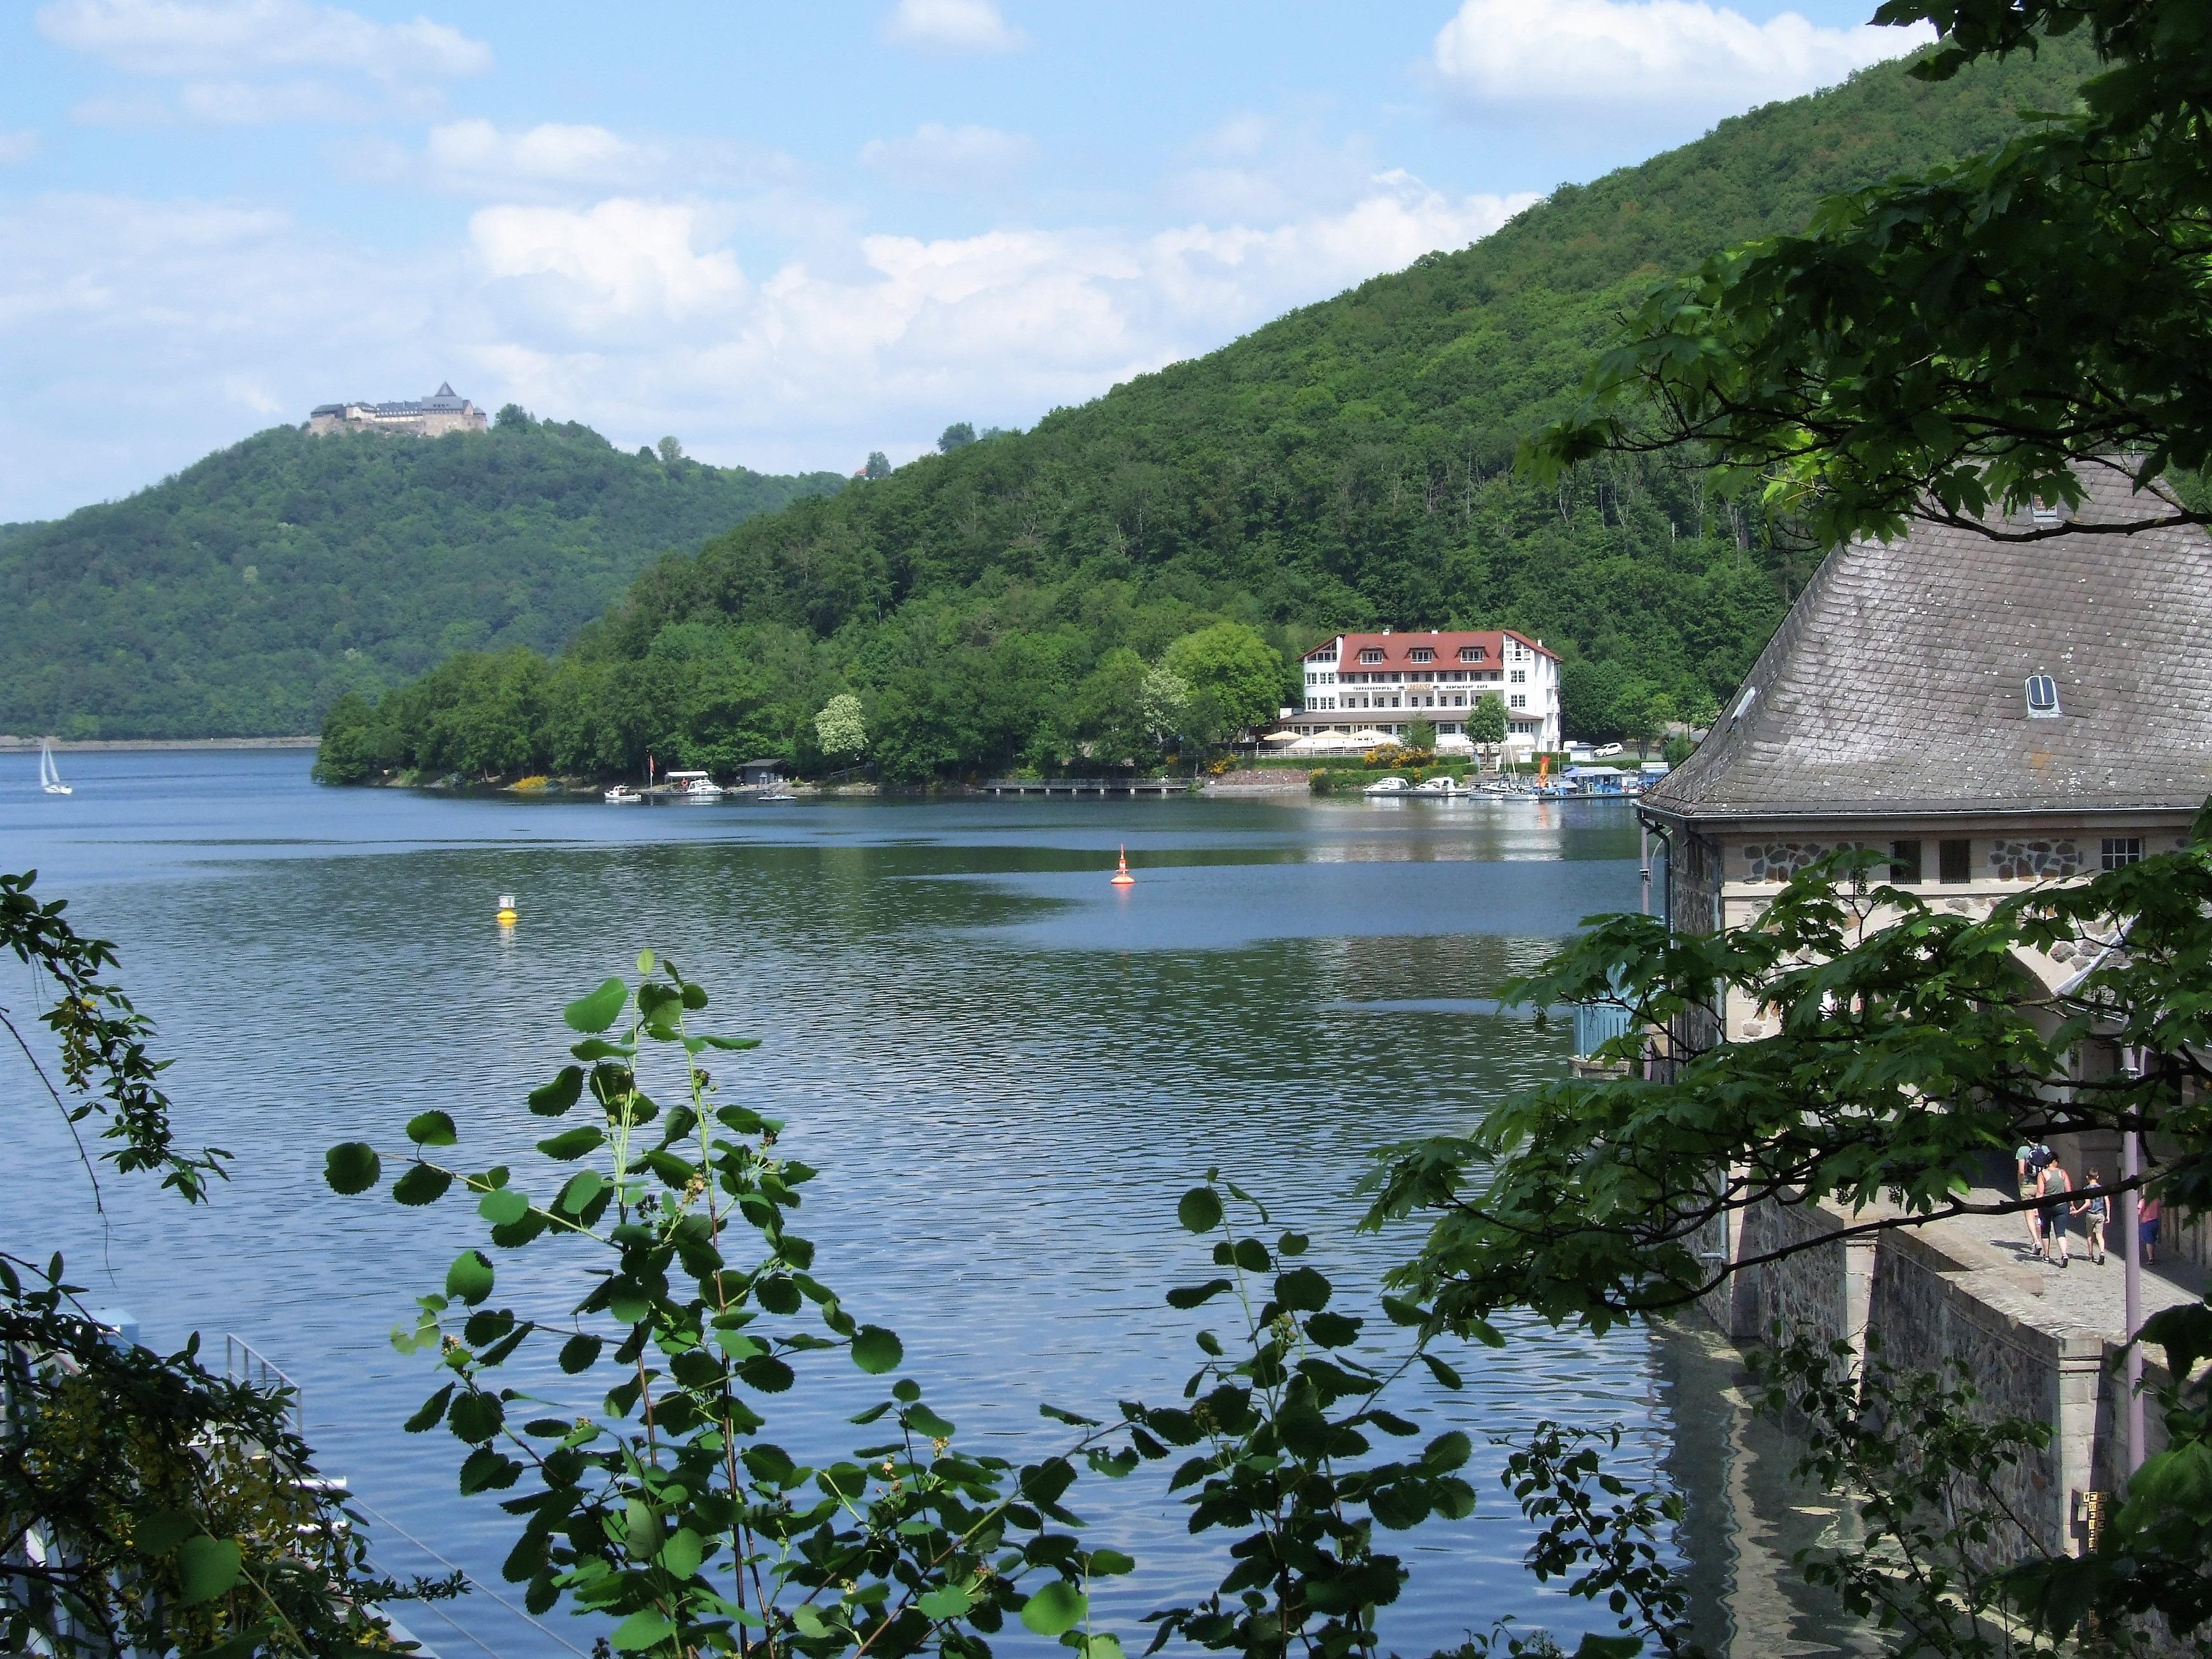 Beliebtes Fotomotiv: Die Sperrmauer, das Hotel Ederseeblick, der See und Schloss Waldeck. (Foto: Uli Klein)